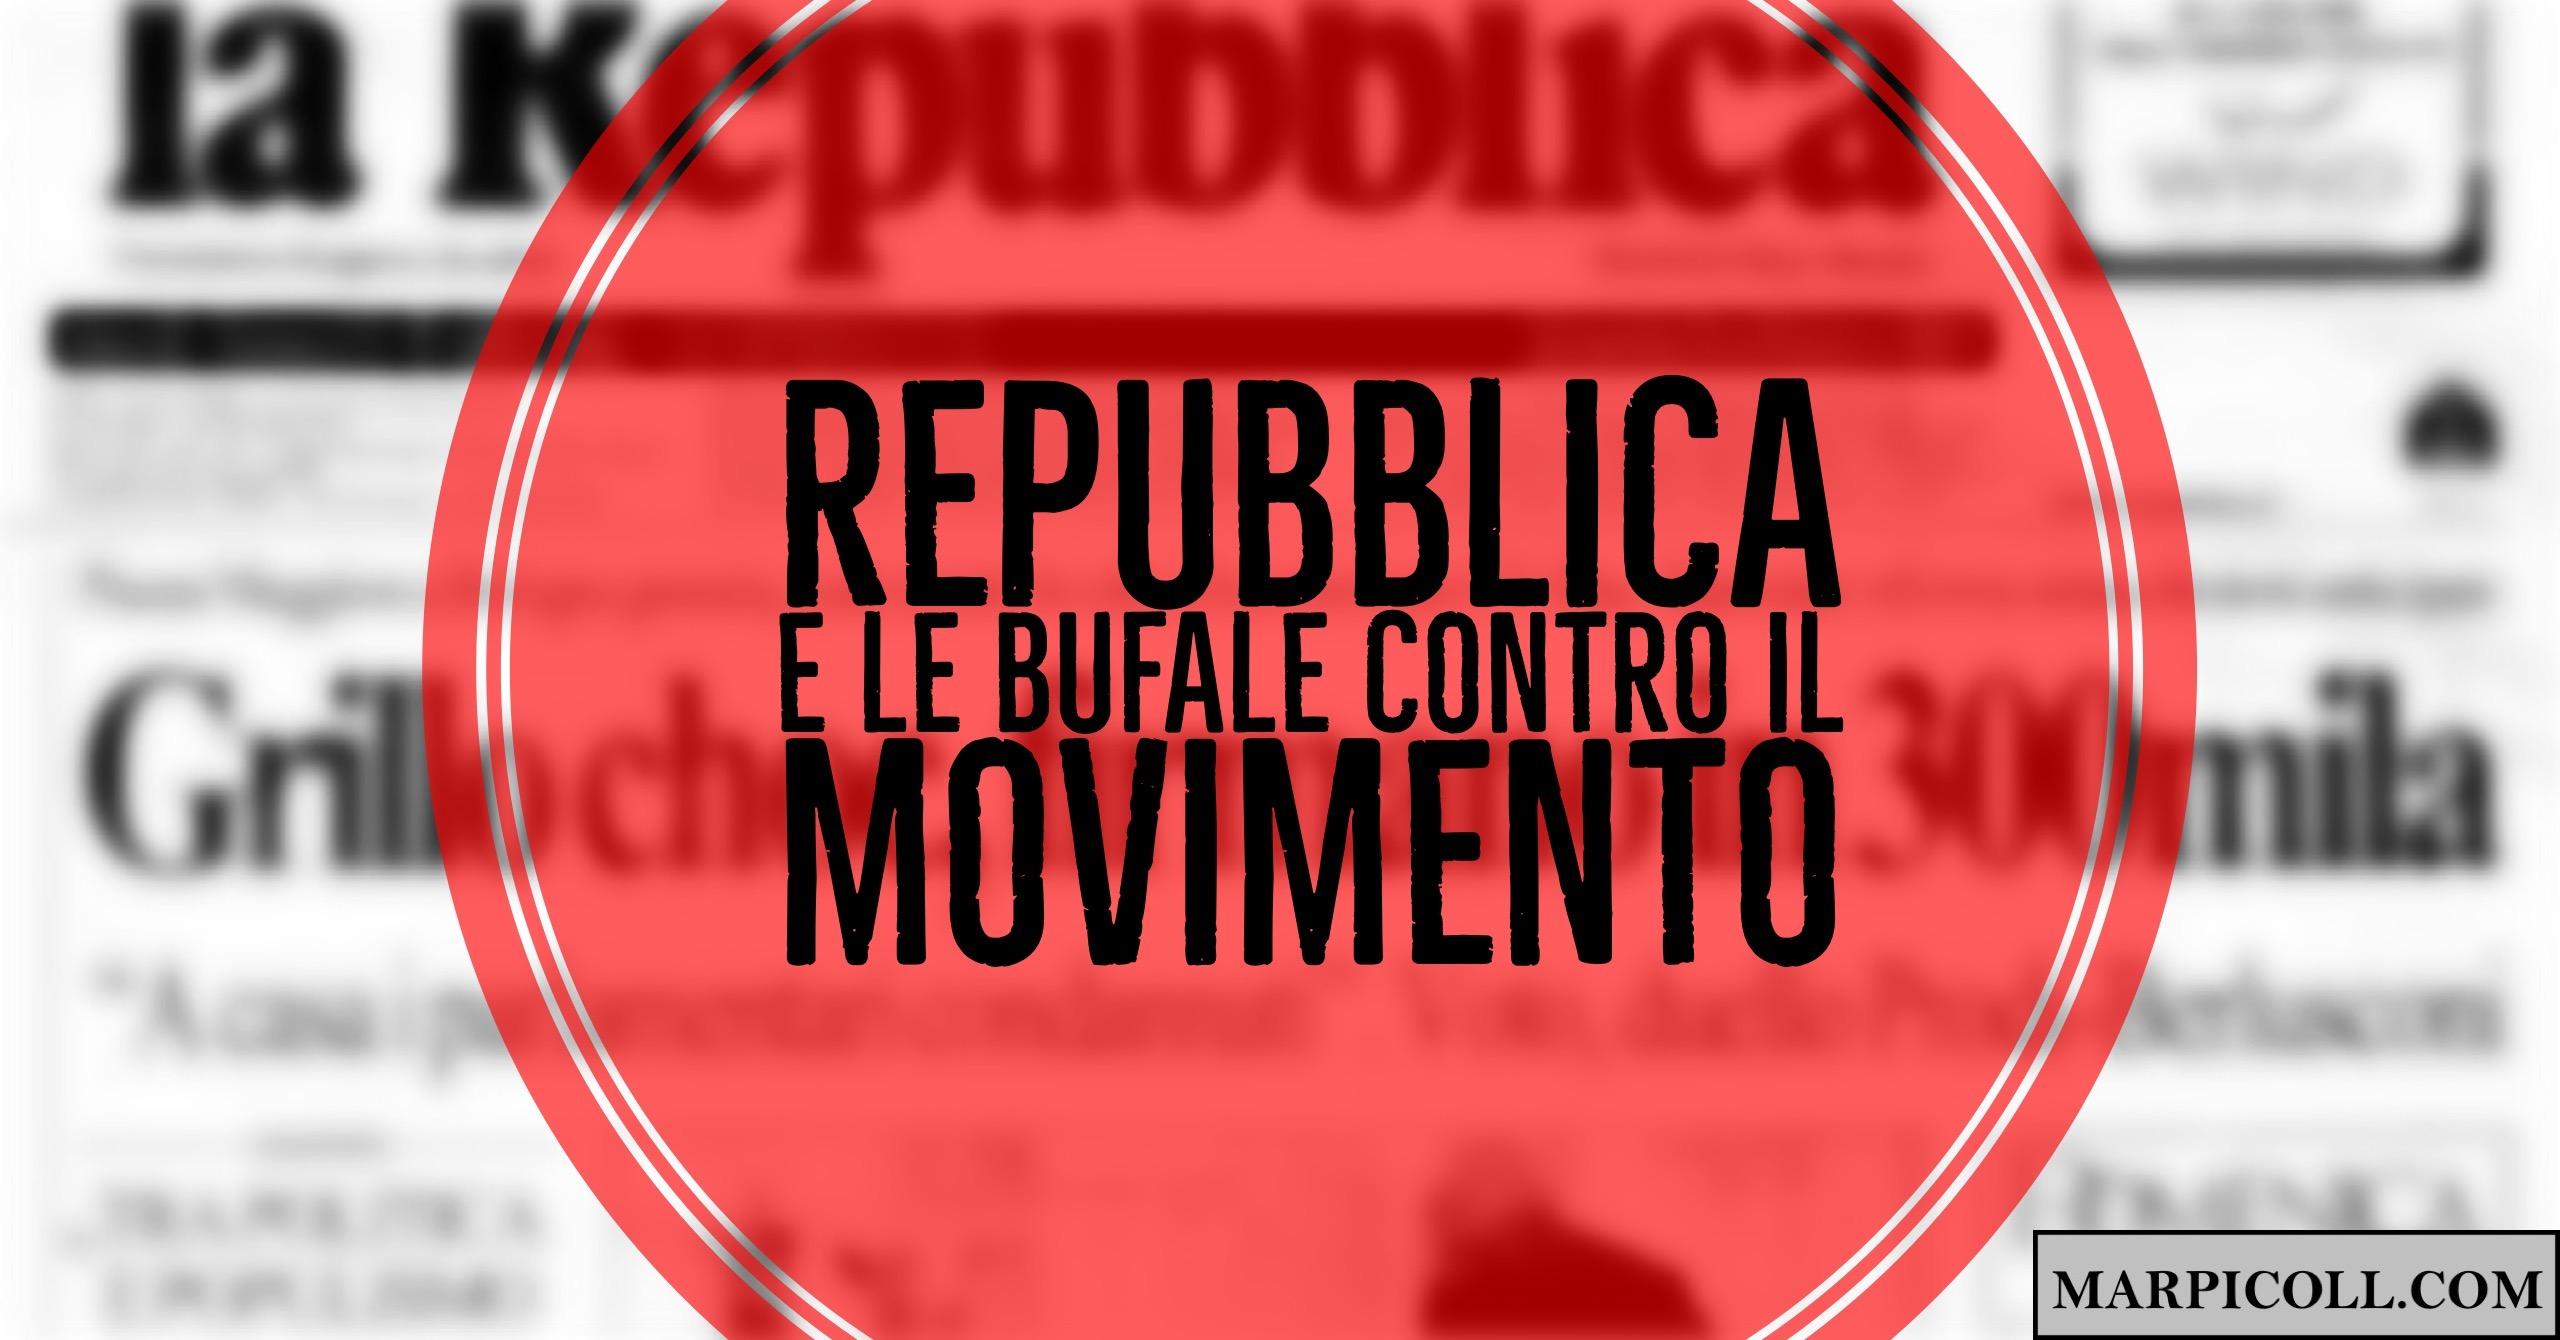 Repubblica e le Bufale Contro il MoVimento